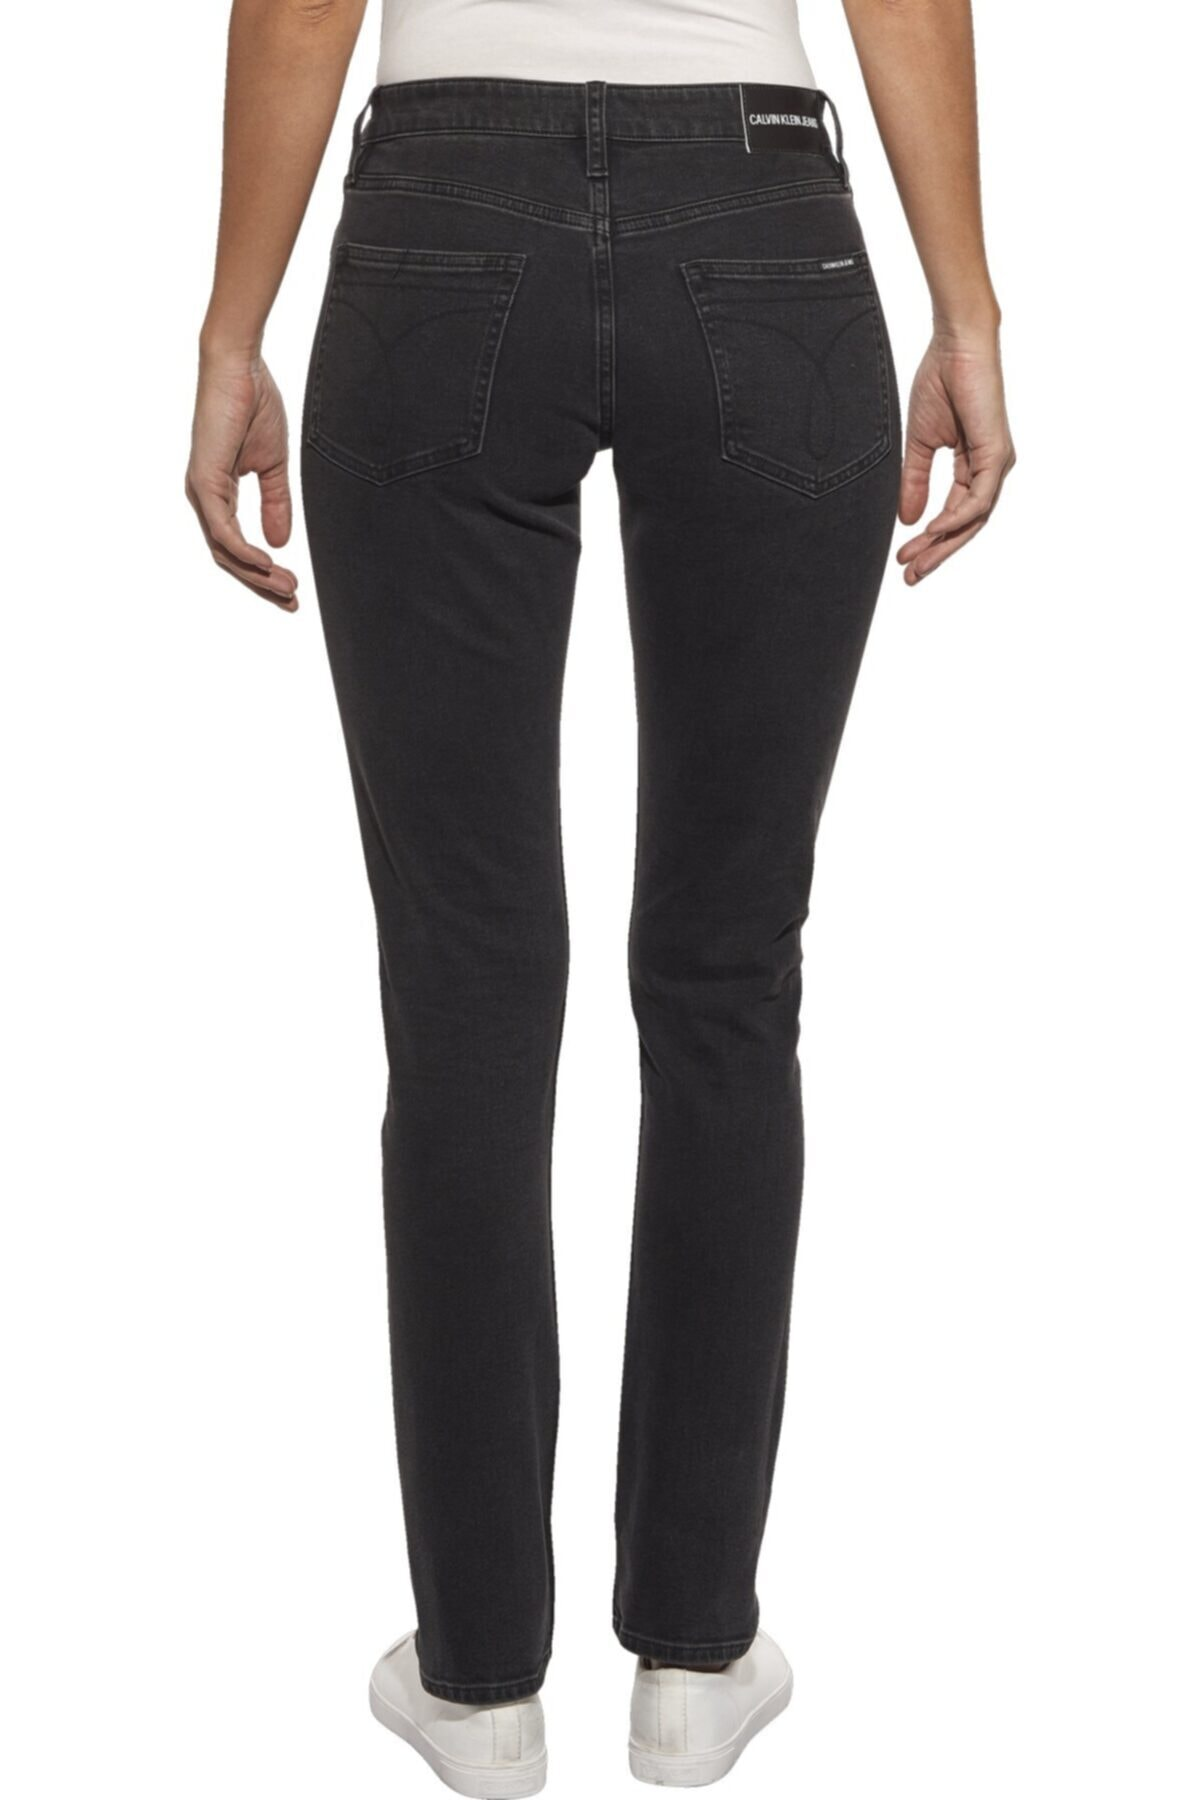 Calvin Klein Kadın Siyah Pantolon J20j208930 2